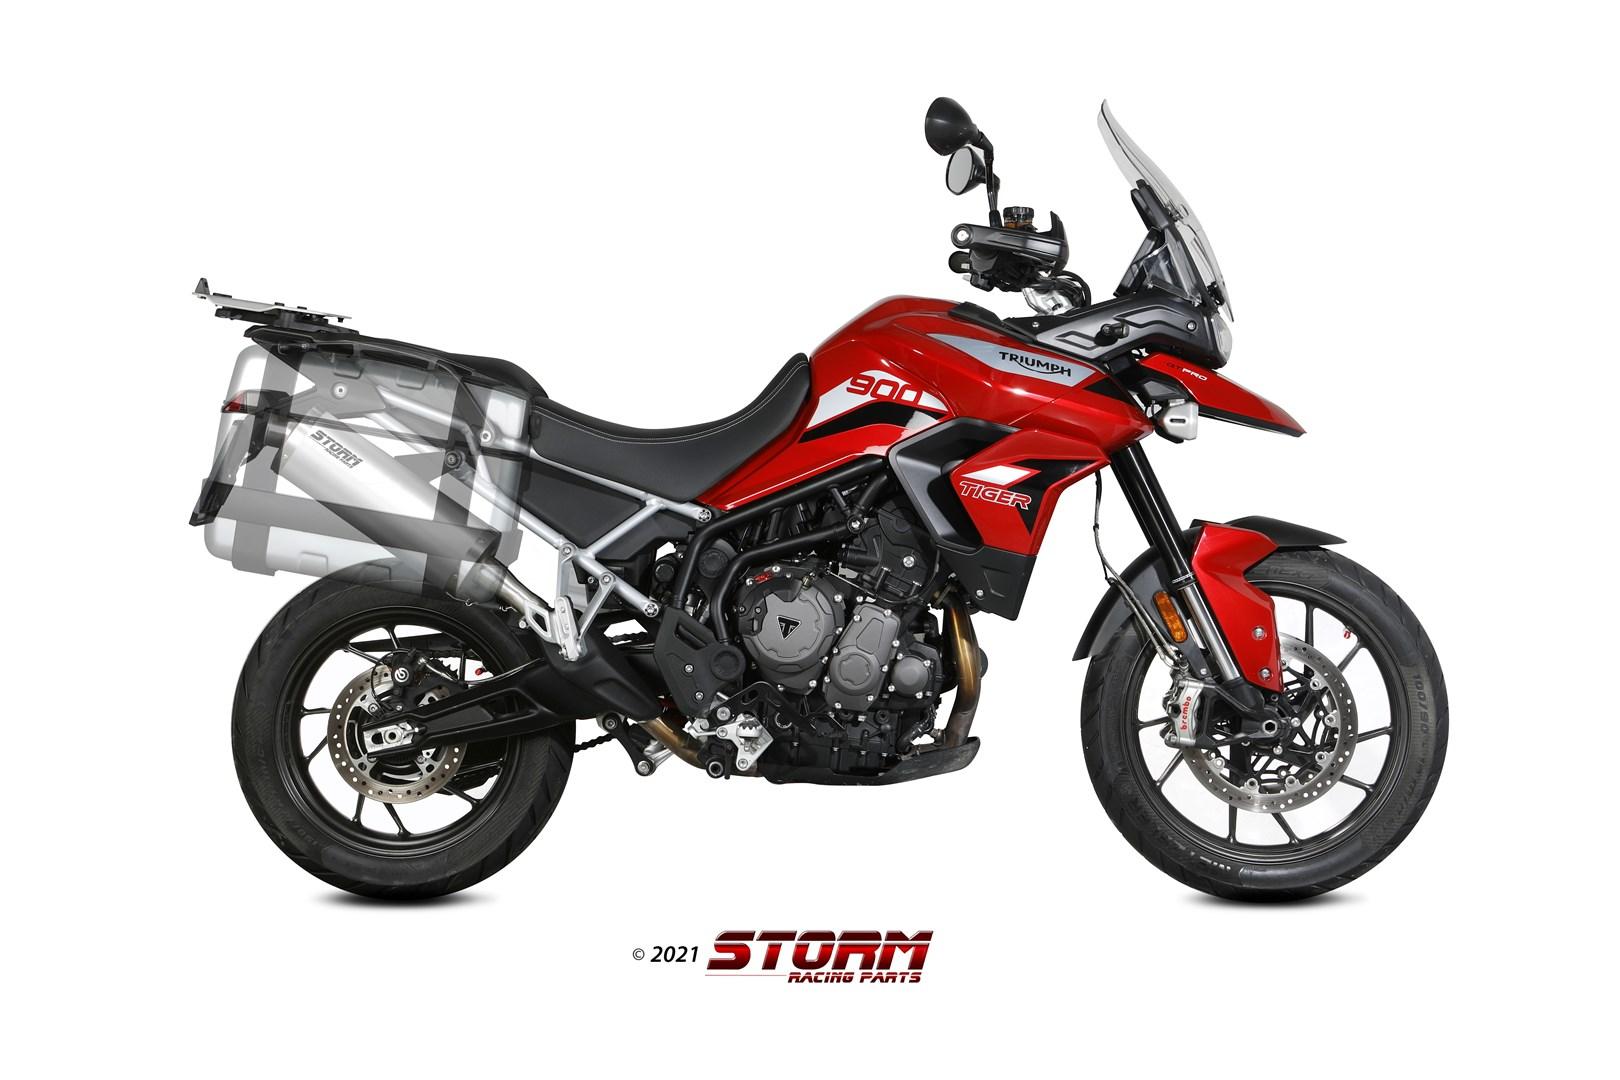 Triumph_Tiger900_2020_74T018LX2_$11